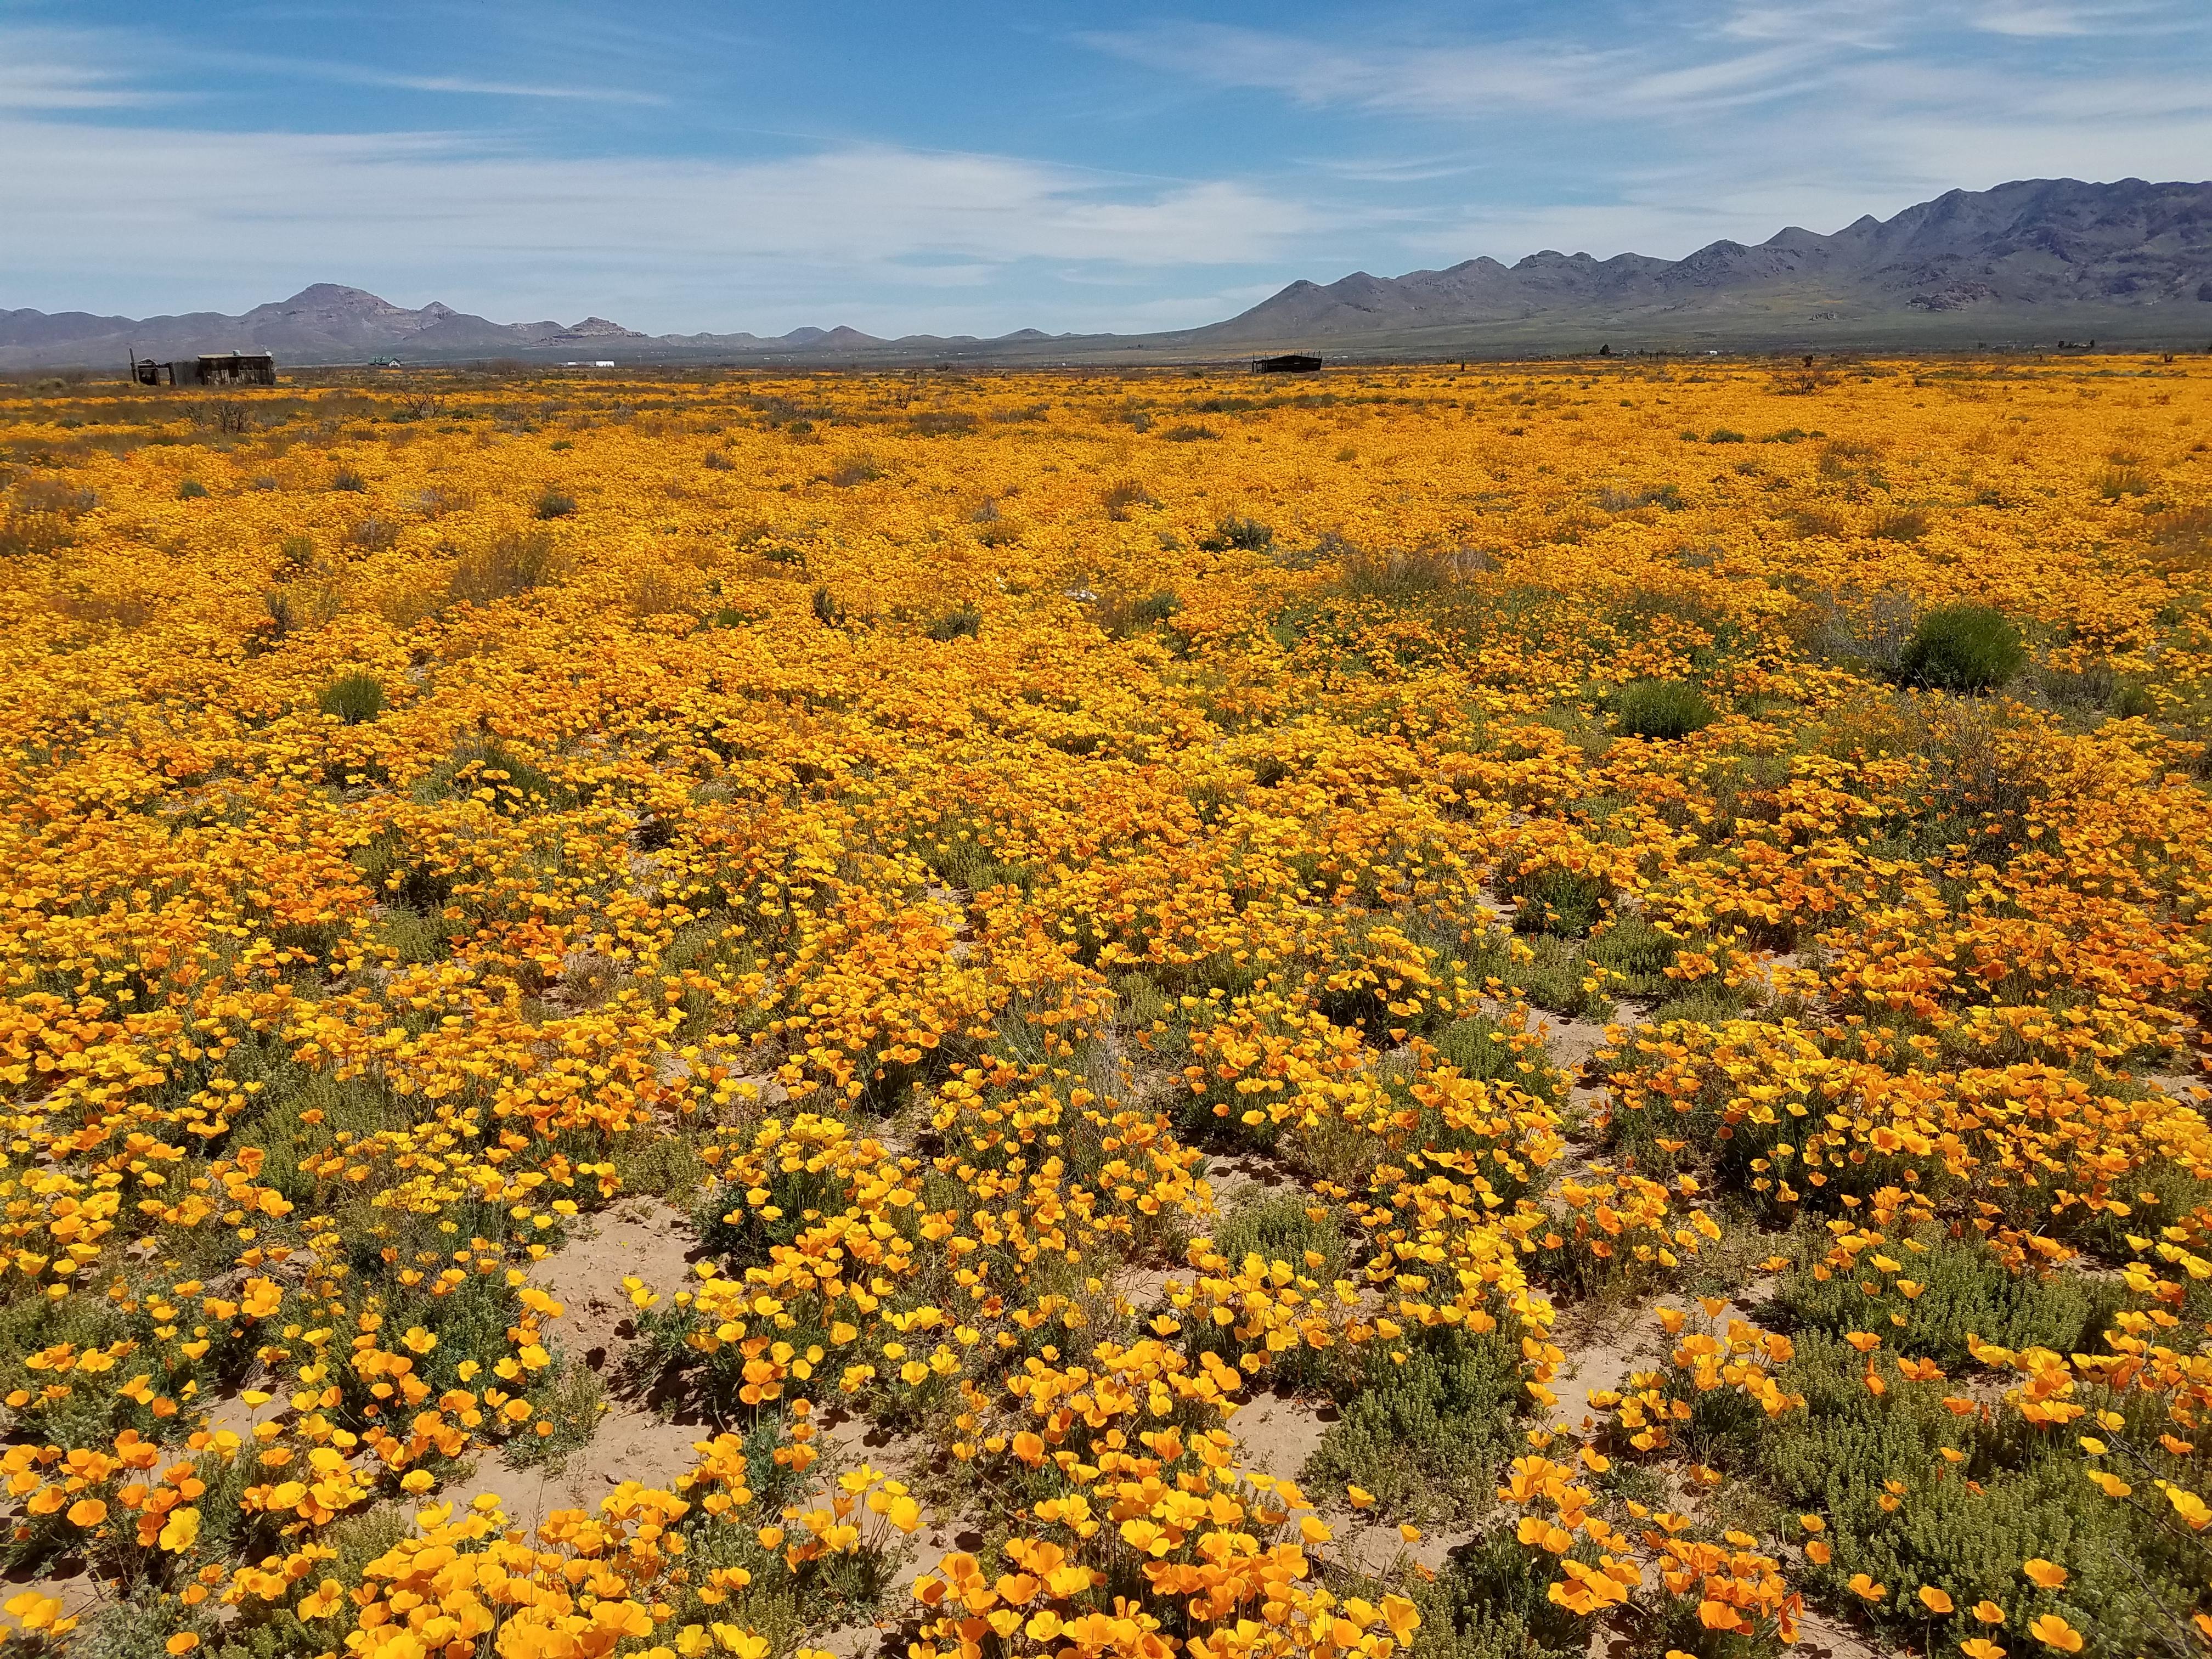 Field of poppies.3.Portal.3-31-20